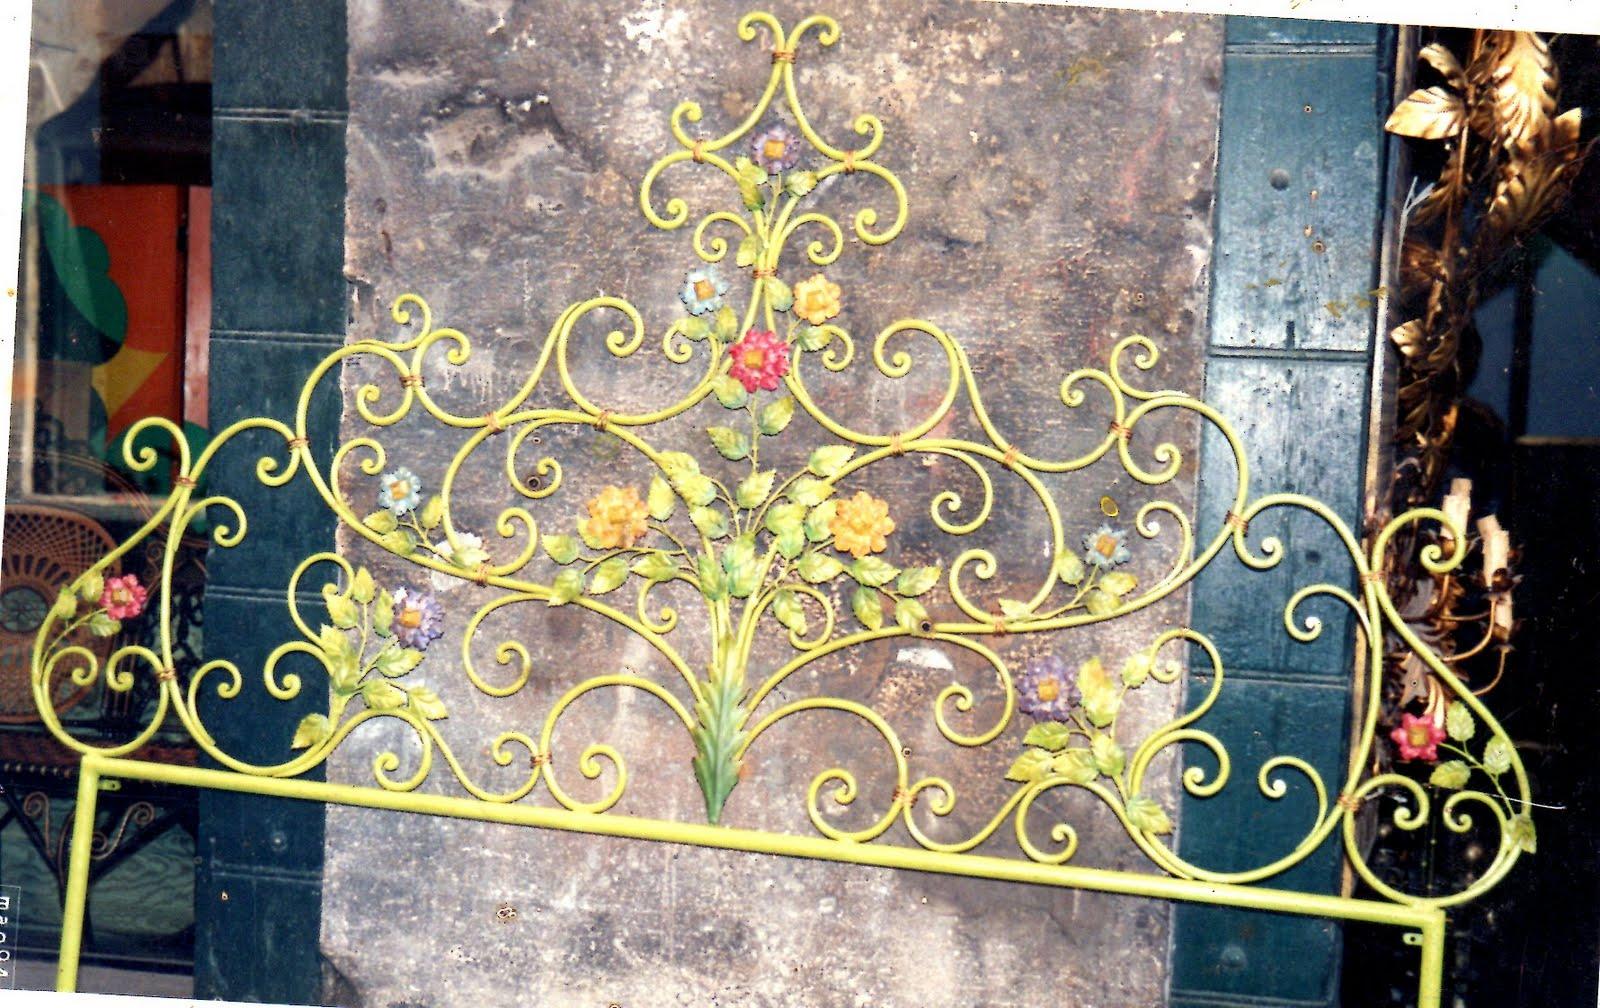 Ditta brogani maurizio lavori in ferro battuto e restauri in ferro ottone ghisa e alpacca for Testiera letto ferro battuto